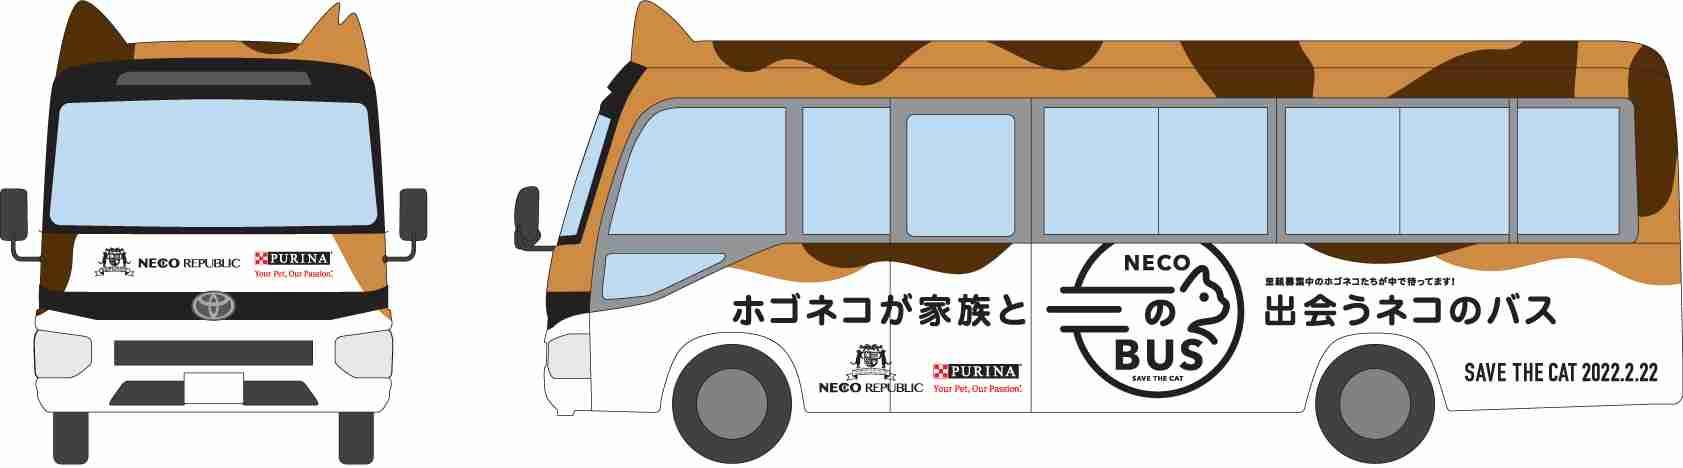 あちこちの街中で、保護猫との出会いの場を提供します!移動式の「ネコのバス」を活用した譲渡会を開催 ネスレ日本株式会社のプレスリリース